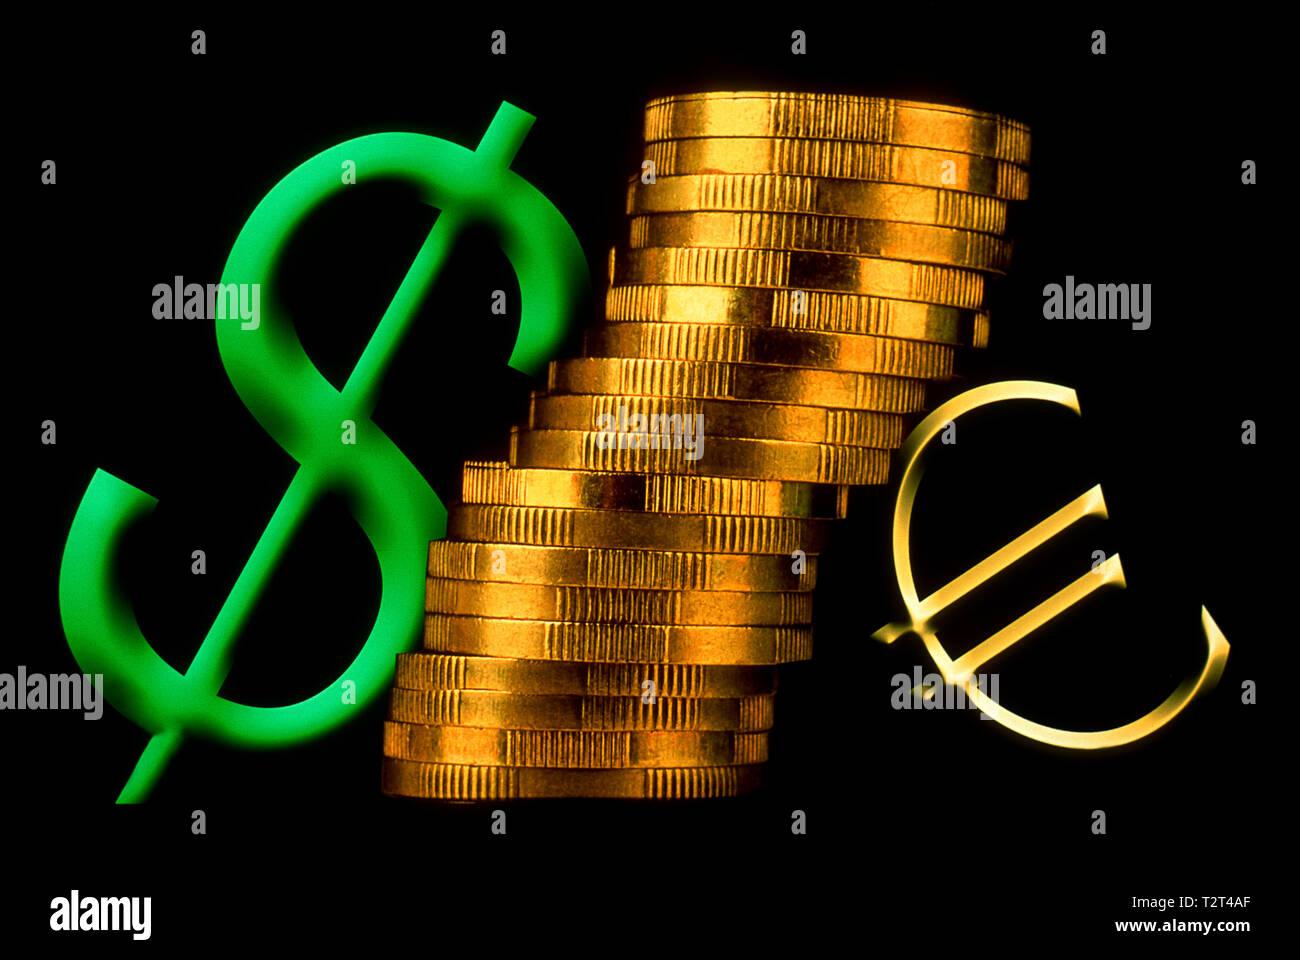 Symbole de l'euro symbolique et le symbole du dollar Photo Stock